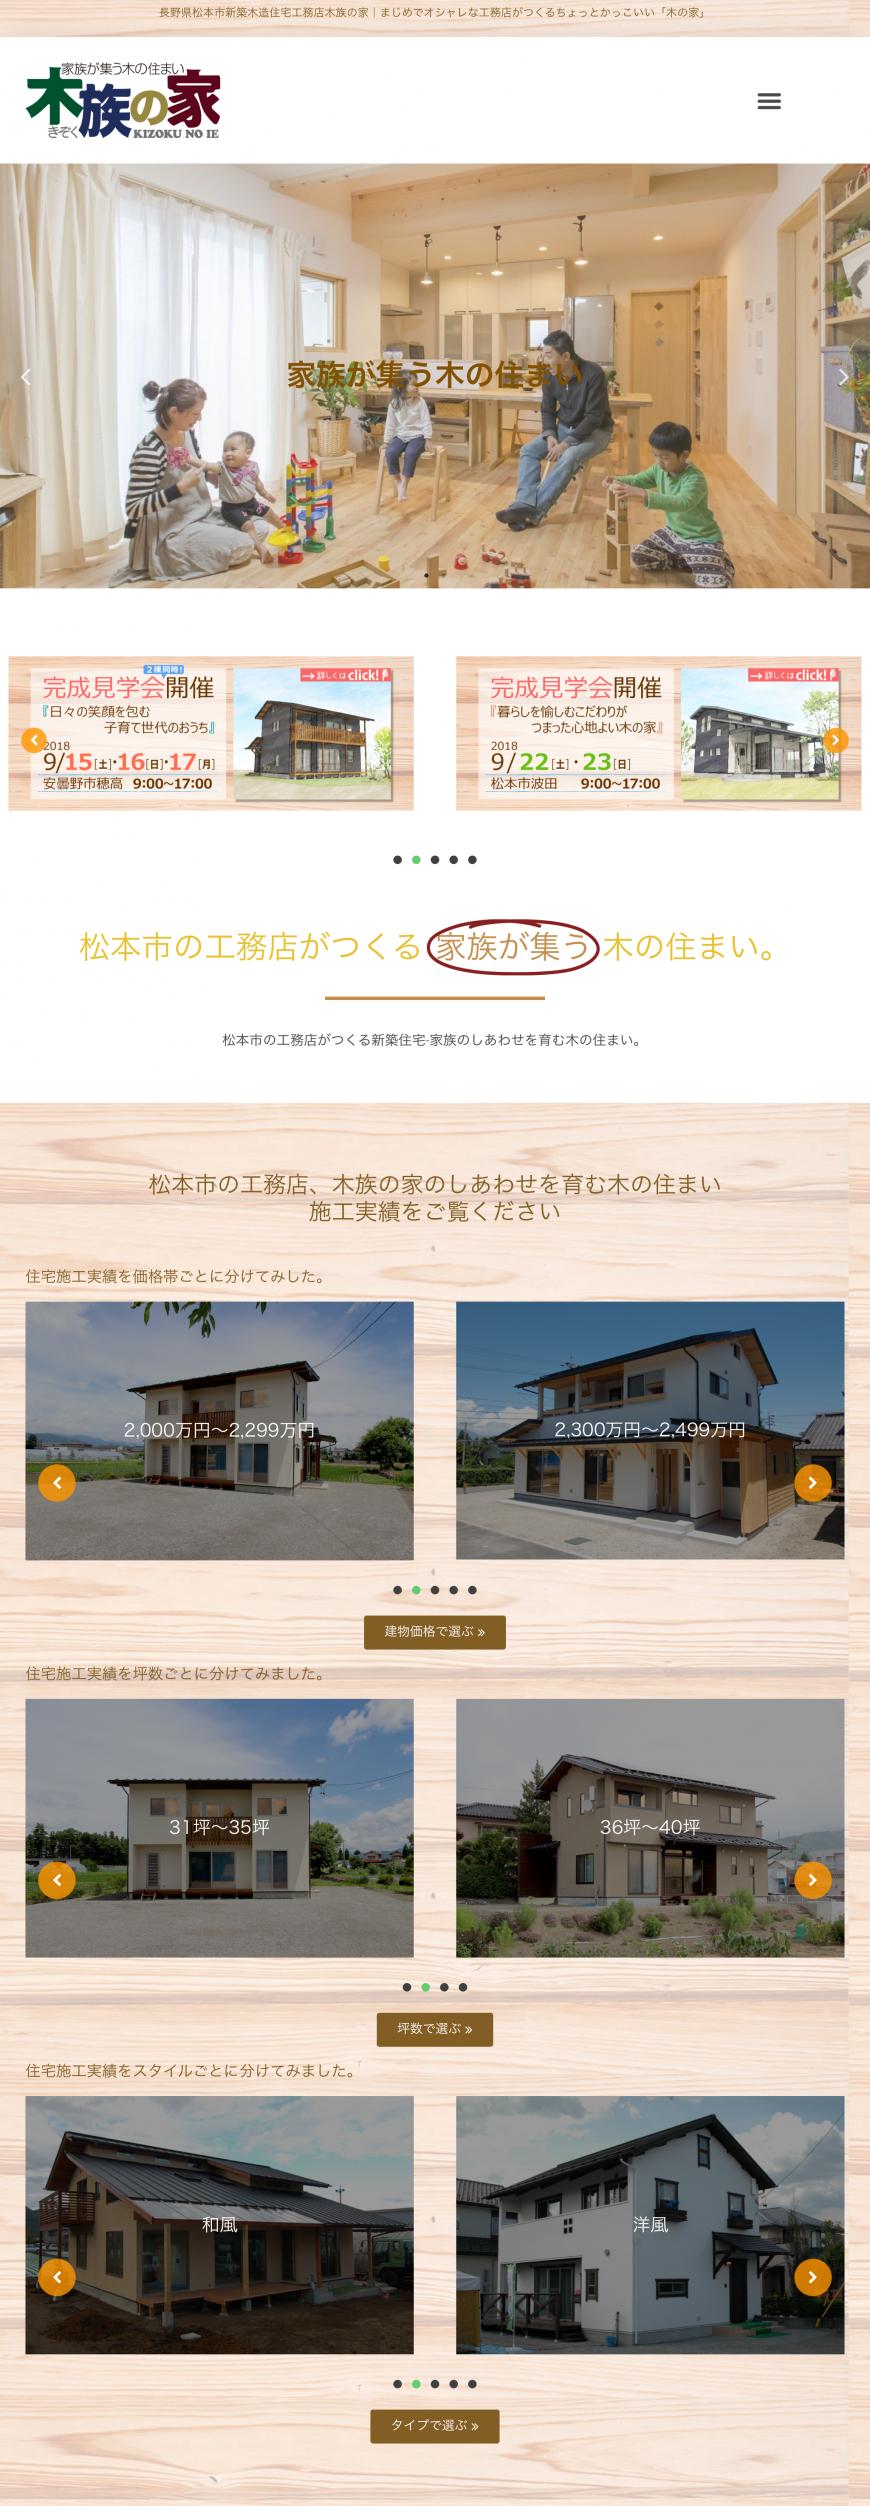 木族の家様